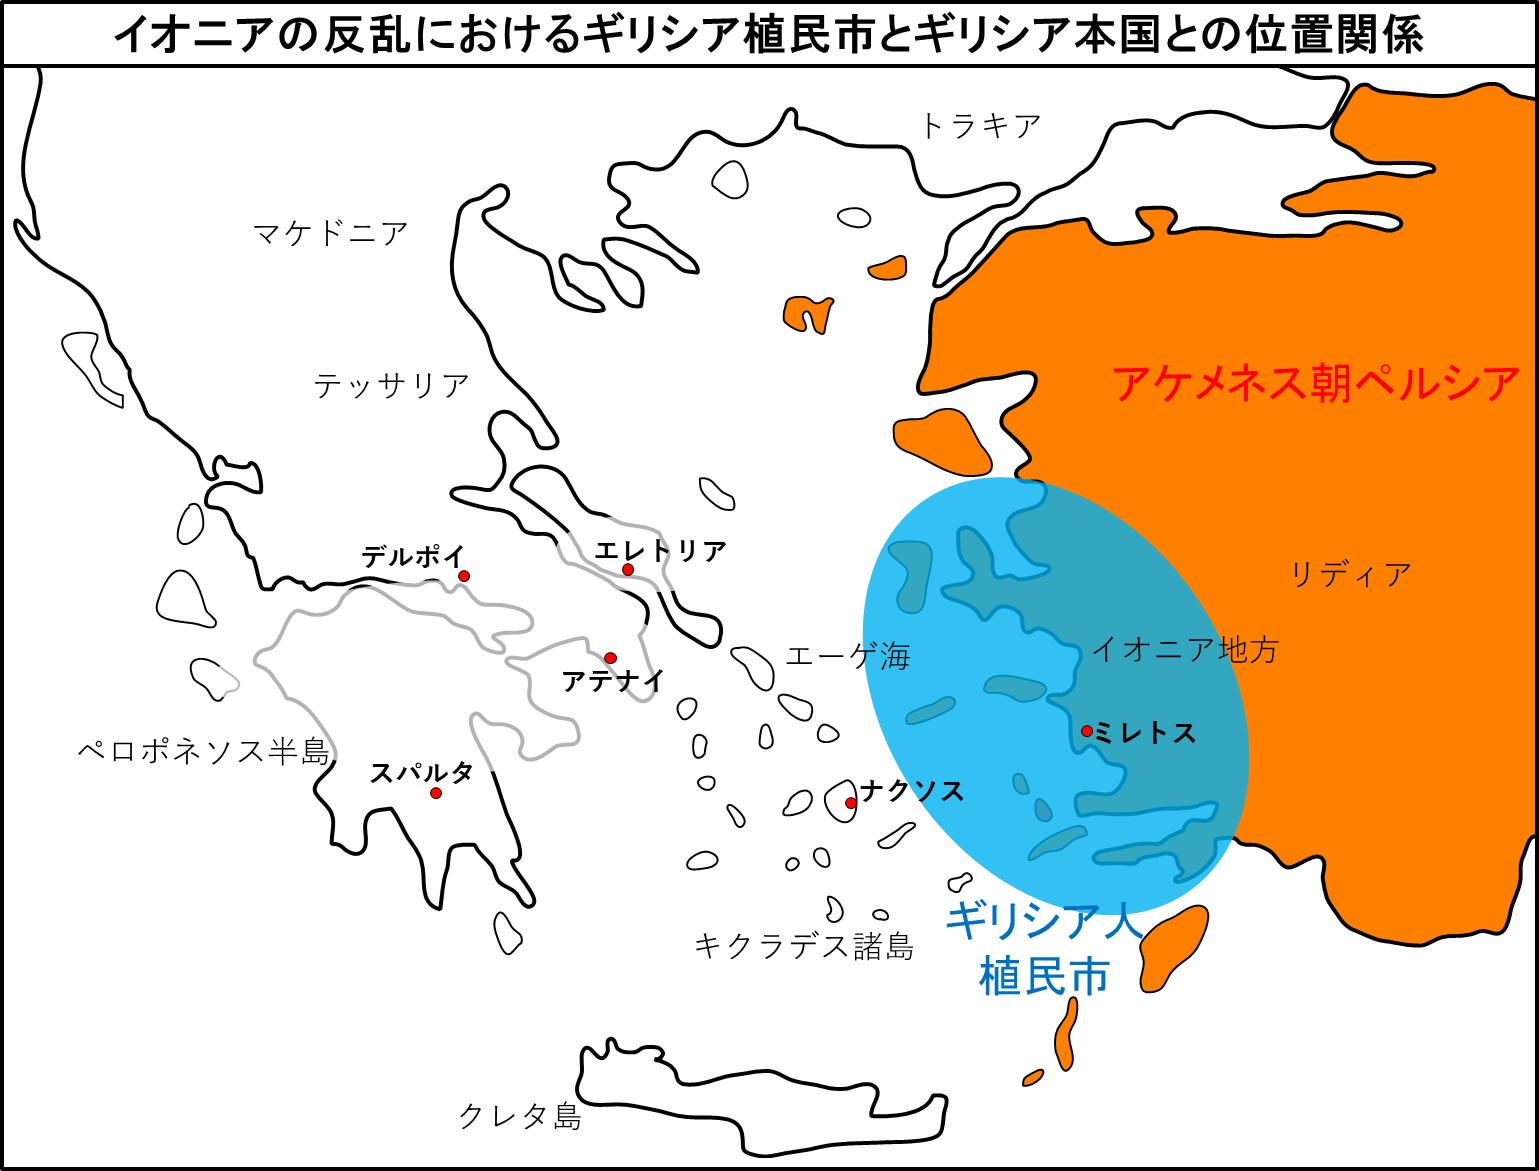 20200519① イオニアの反乱におけるギリシア植民市とギリシア本国との位置関係